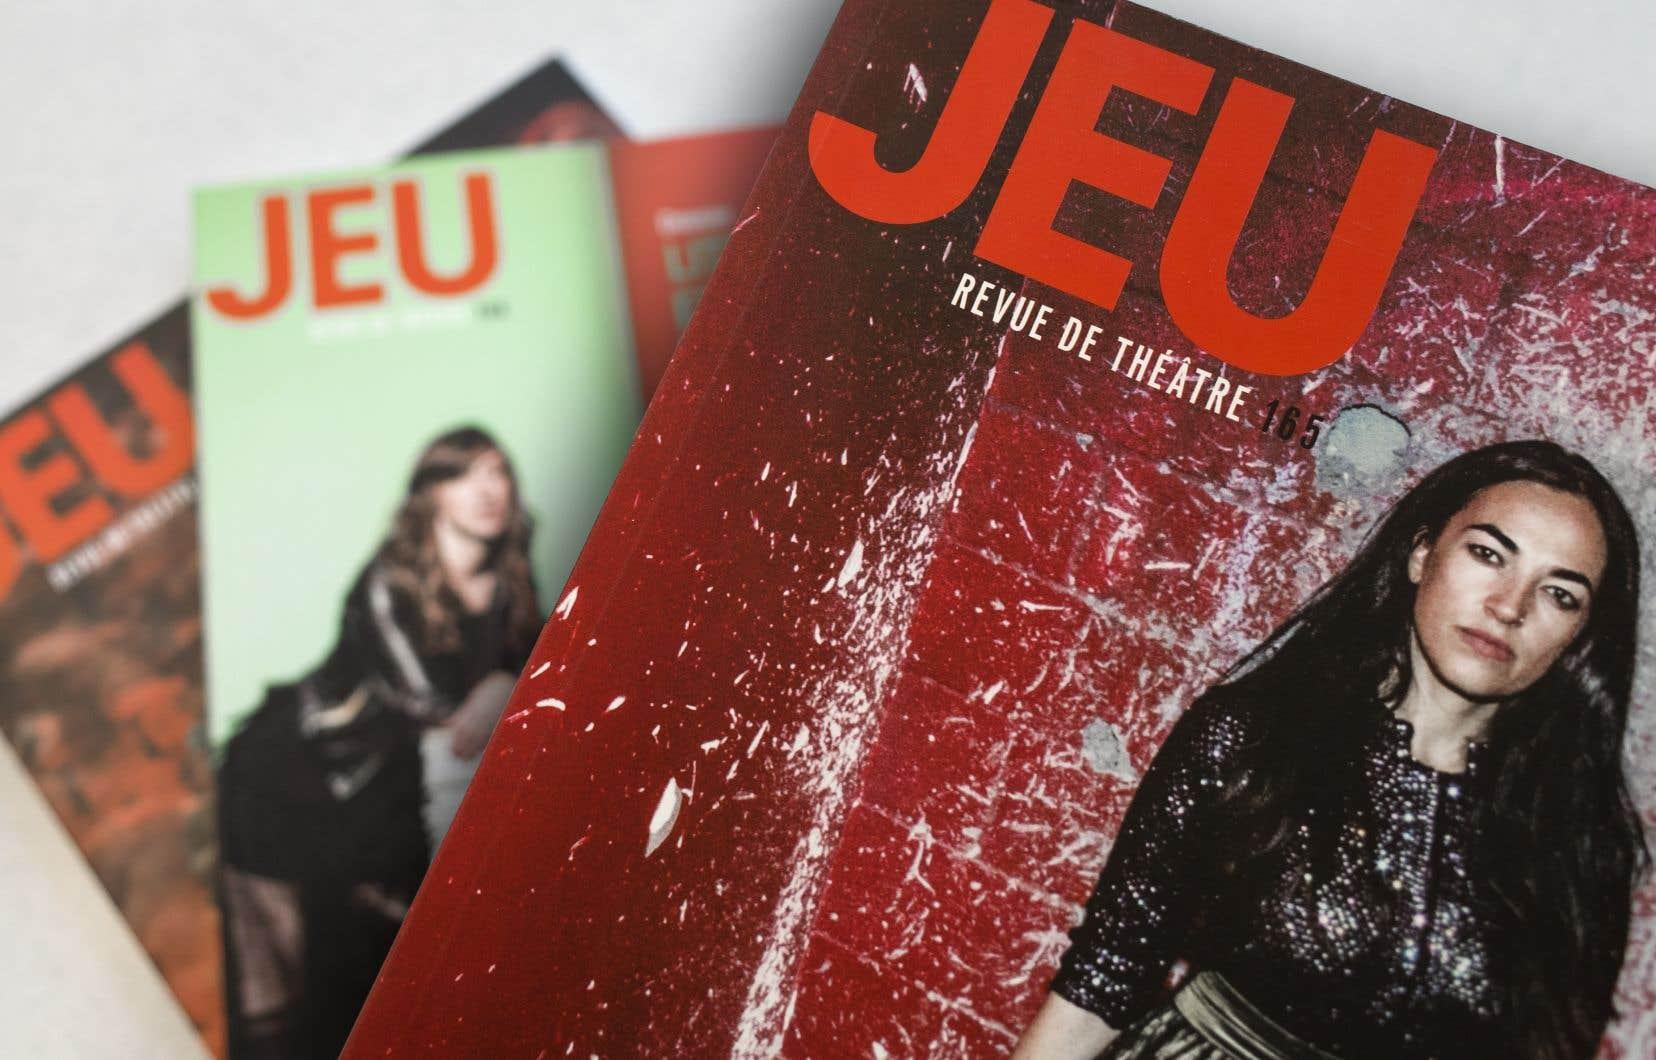 Malgré la démission en bloc de ses collaborateurs, la direction de la revue «Jeu» refuse d'y voir une crise.